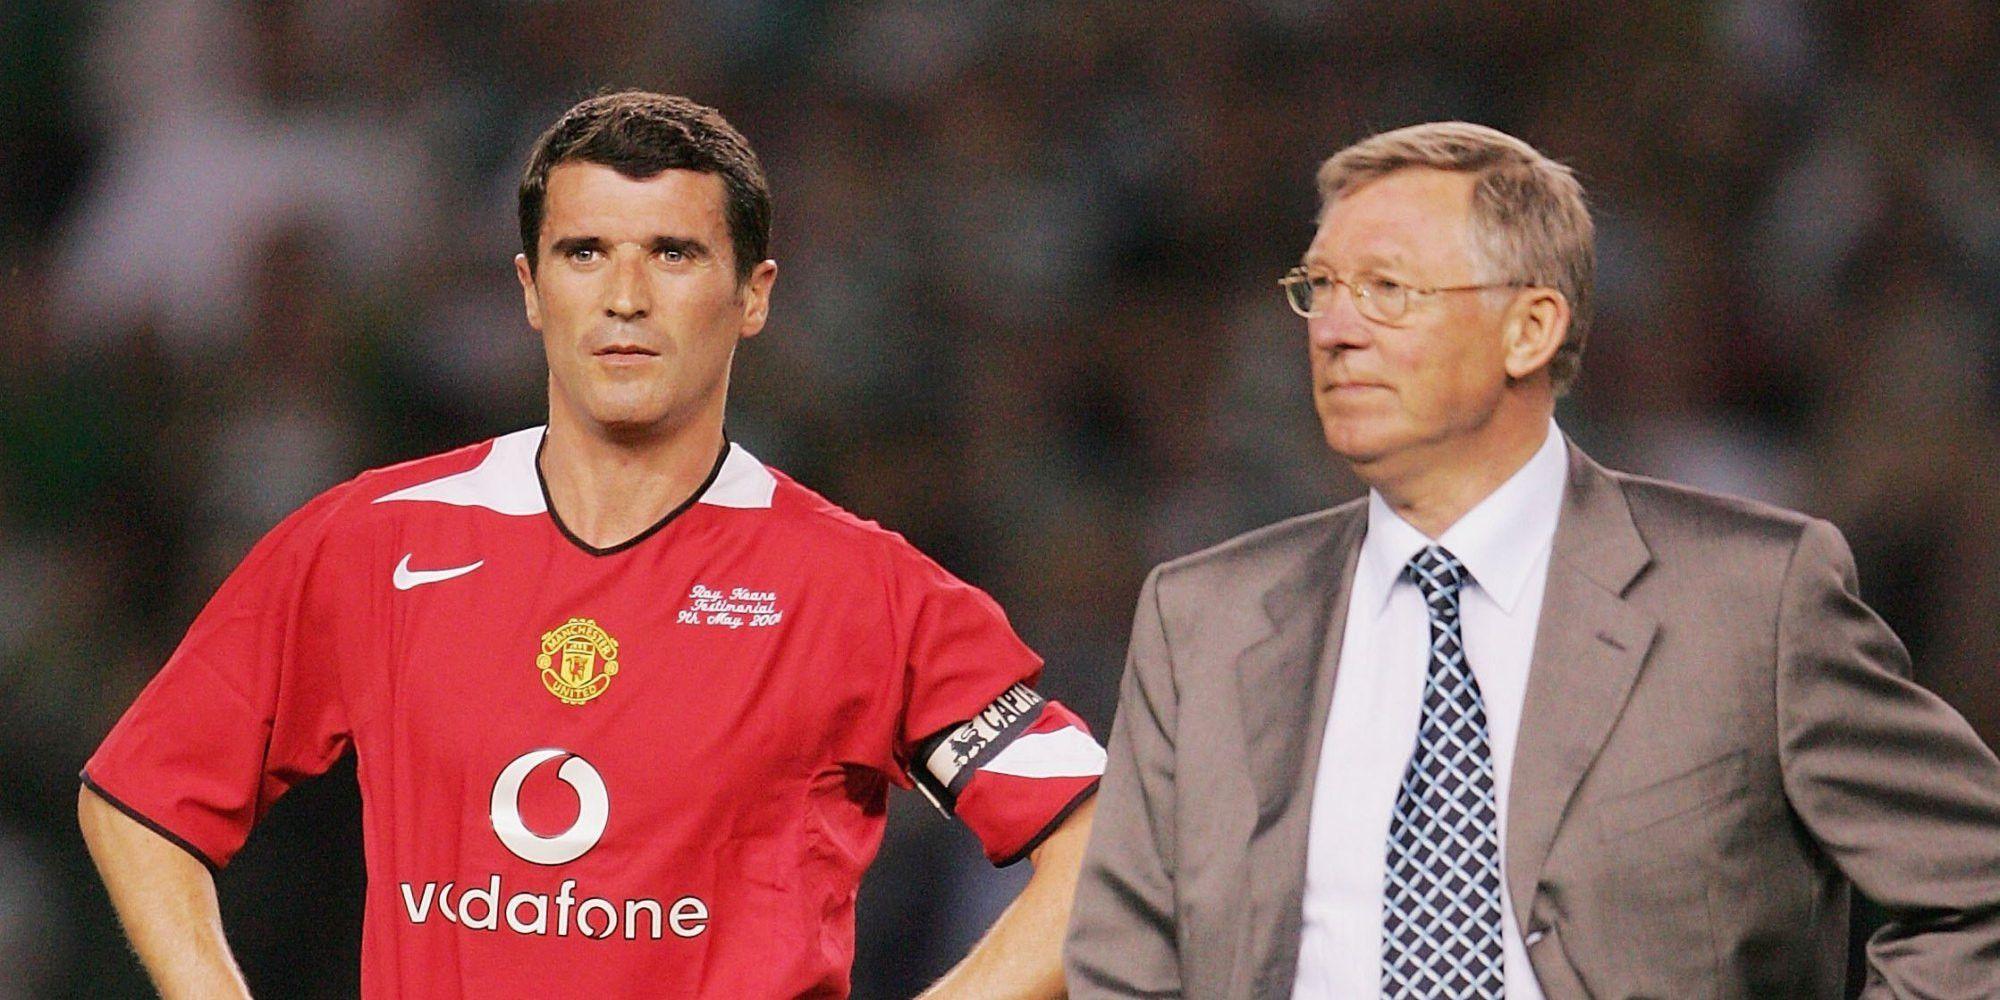 Cái tôi sẽ khiến Pogba bị tống khứ như Beckham, Van Nistelrooy? Ảnh 9